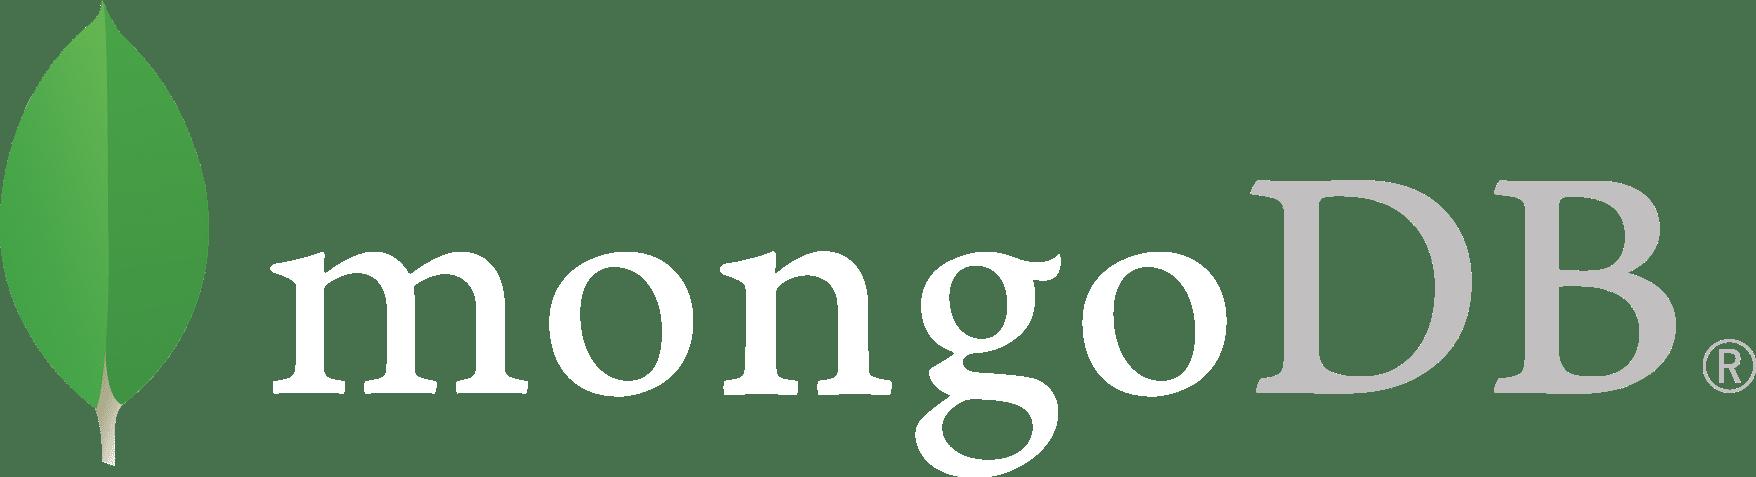 mongo-db-white